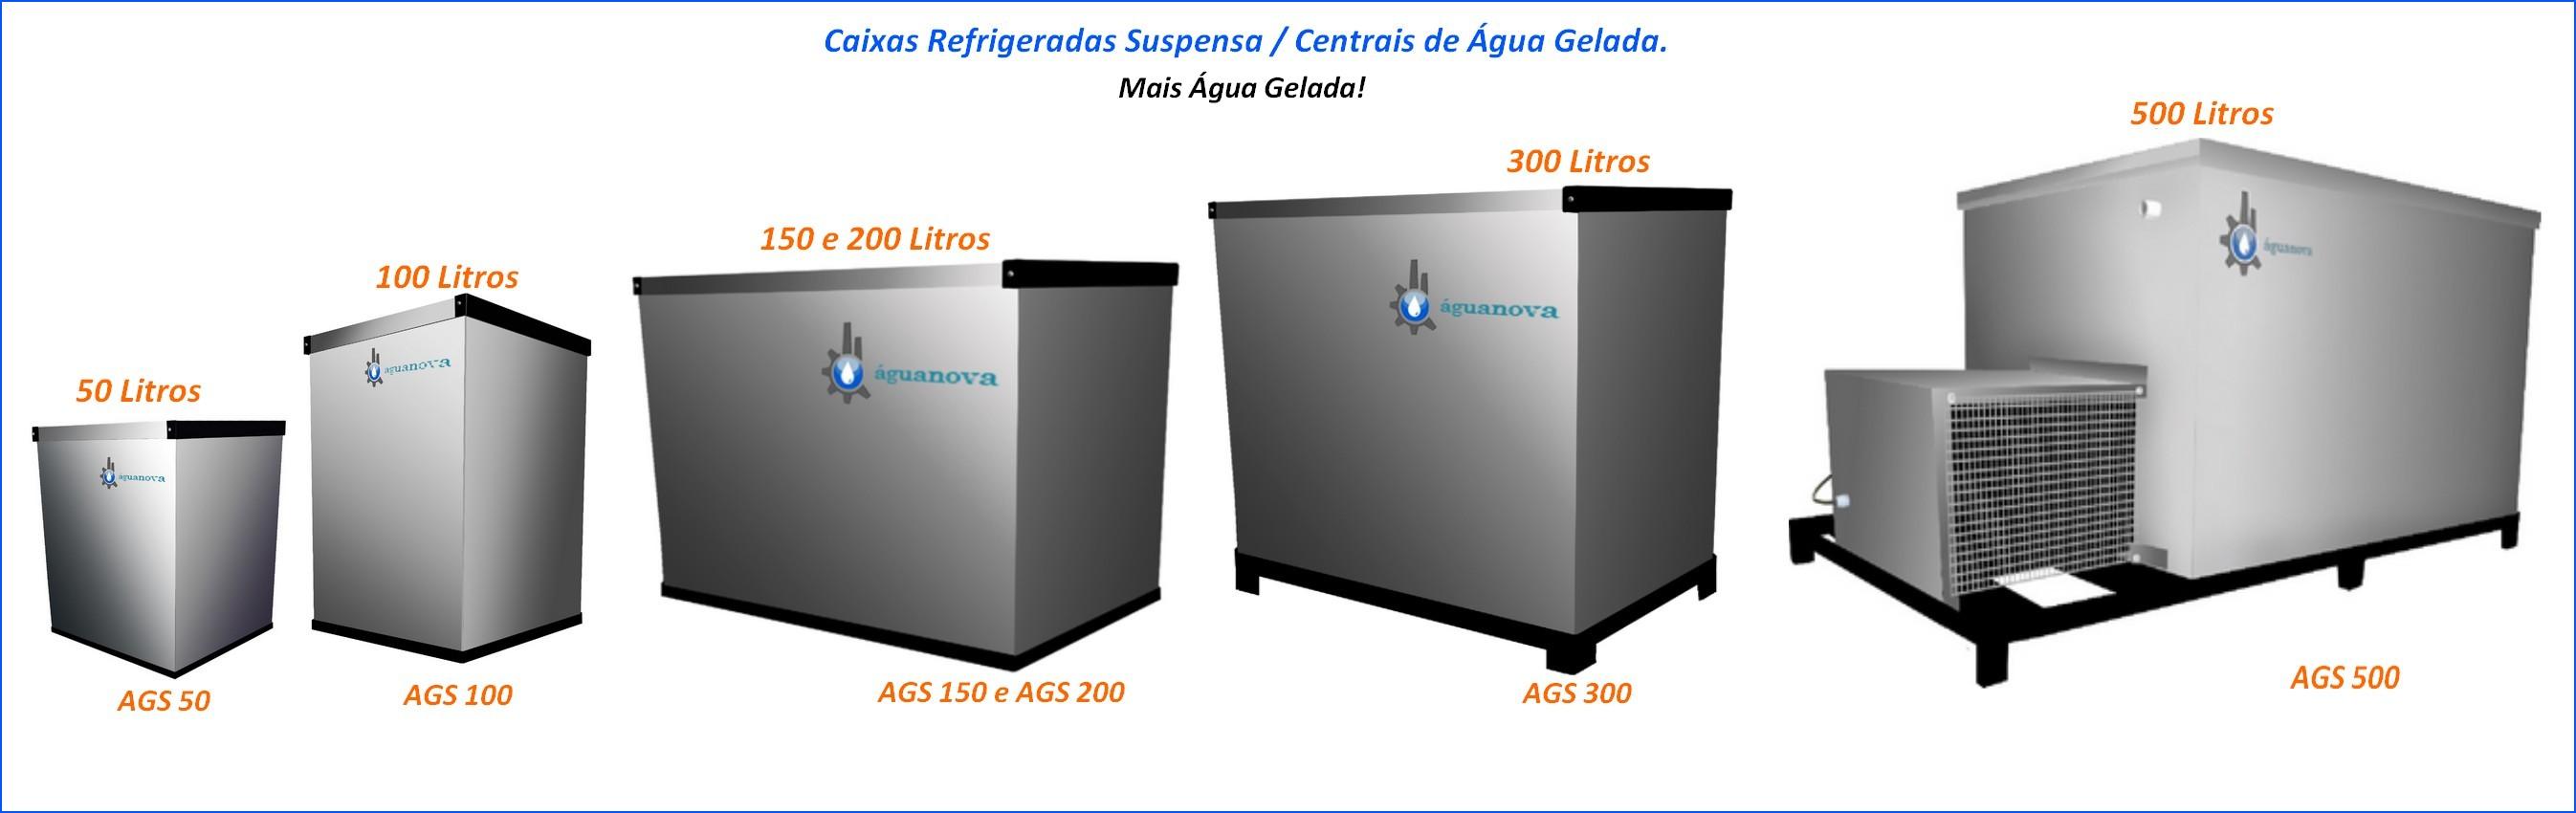 Caixas refrigeradas suspensas